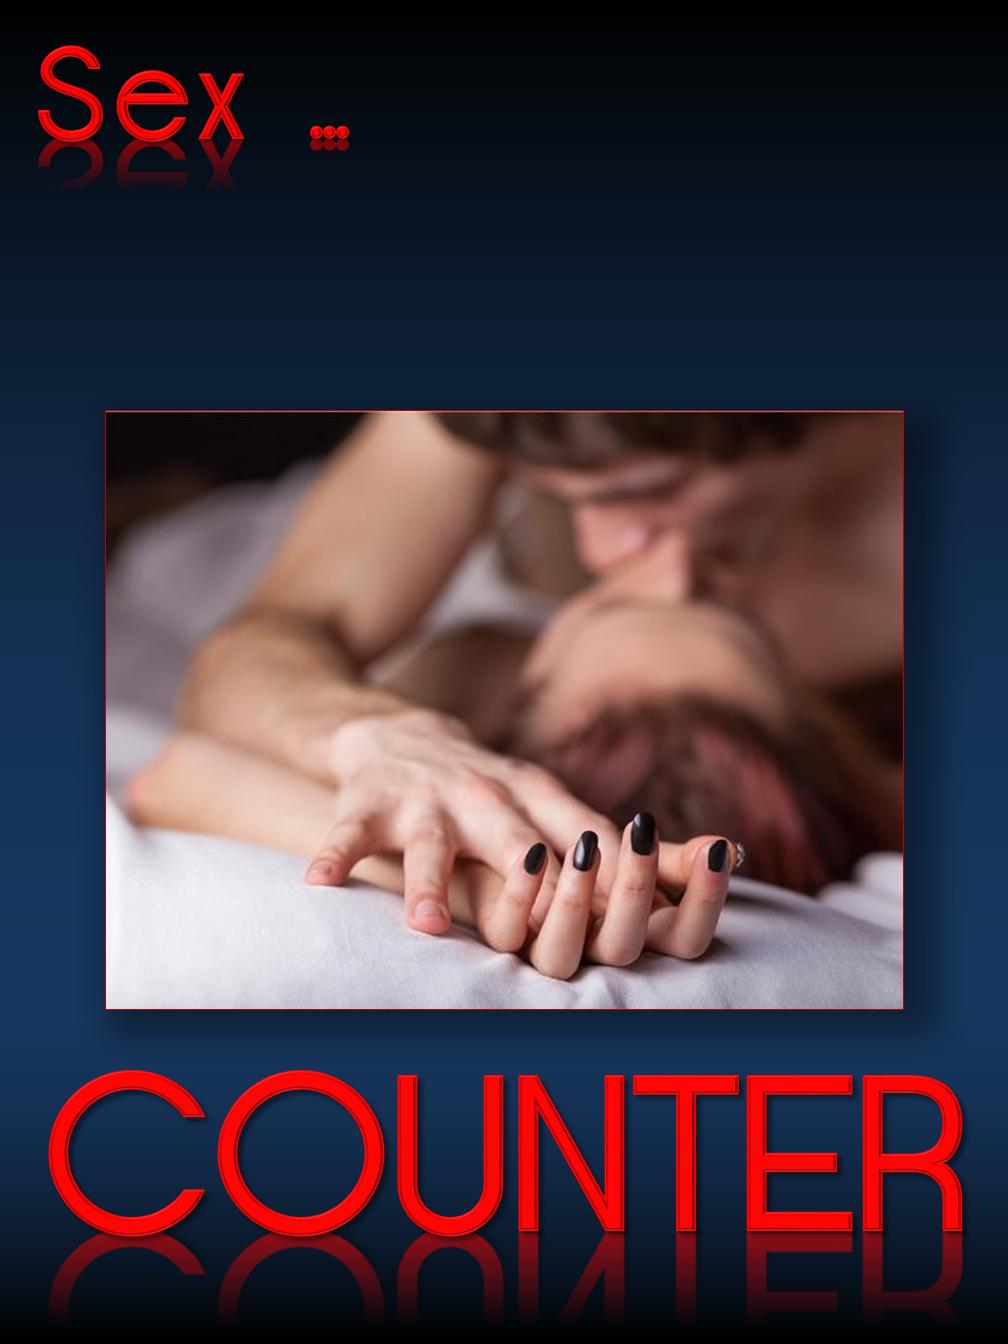 Sex Counter